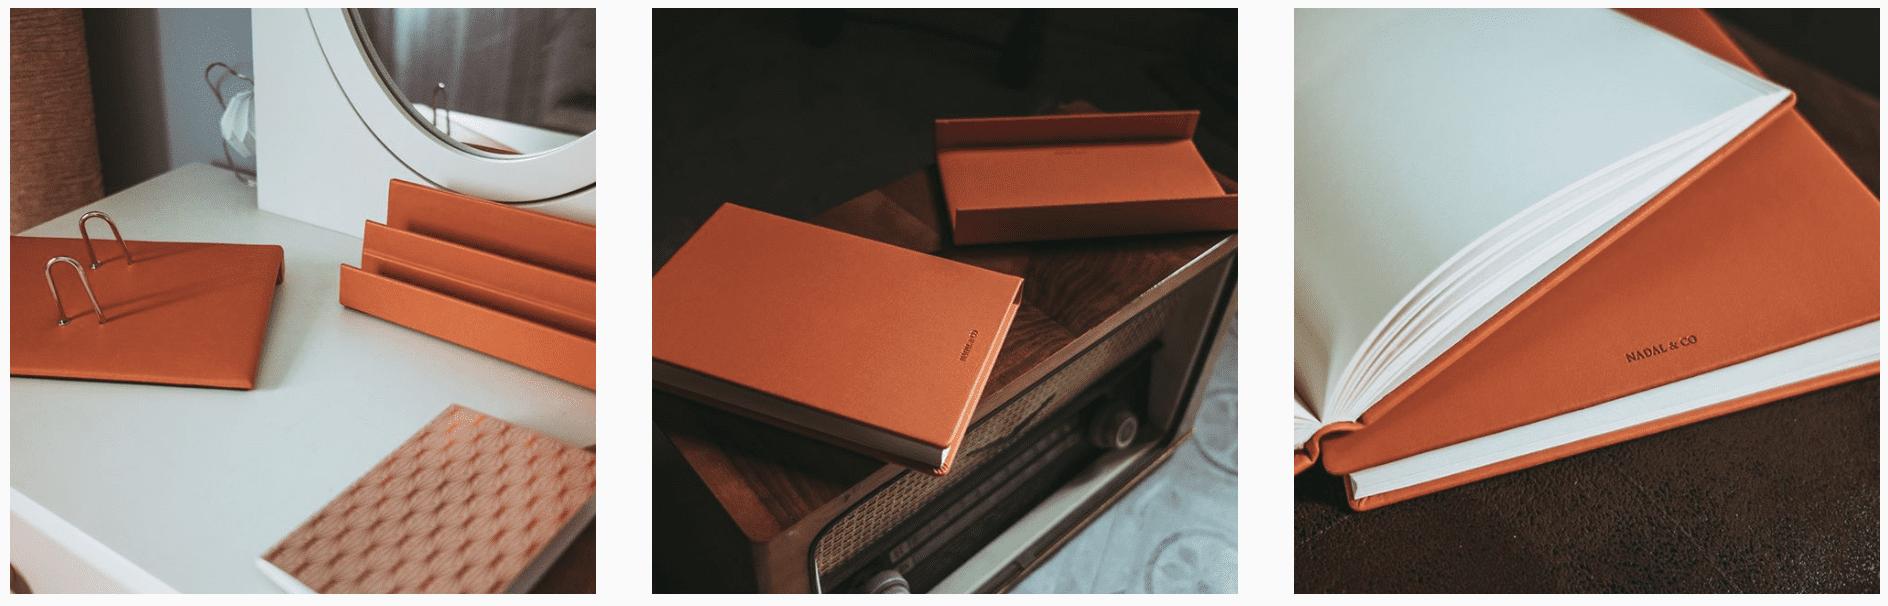 Material de oficina hecho en piel para escritorios elegantes. Accesorios para despachos personalizados.